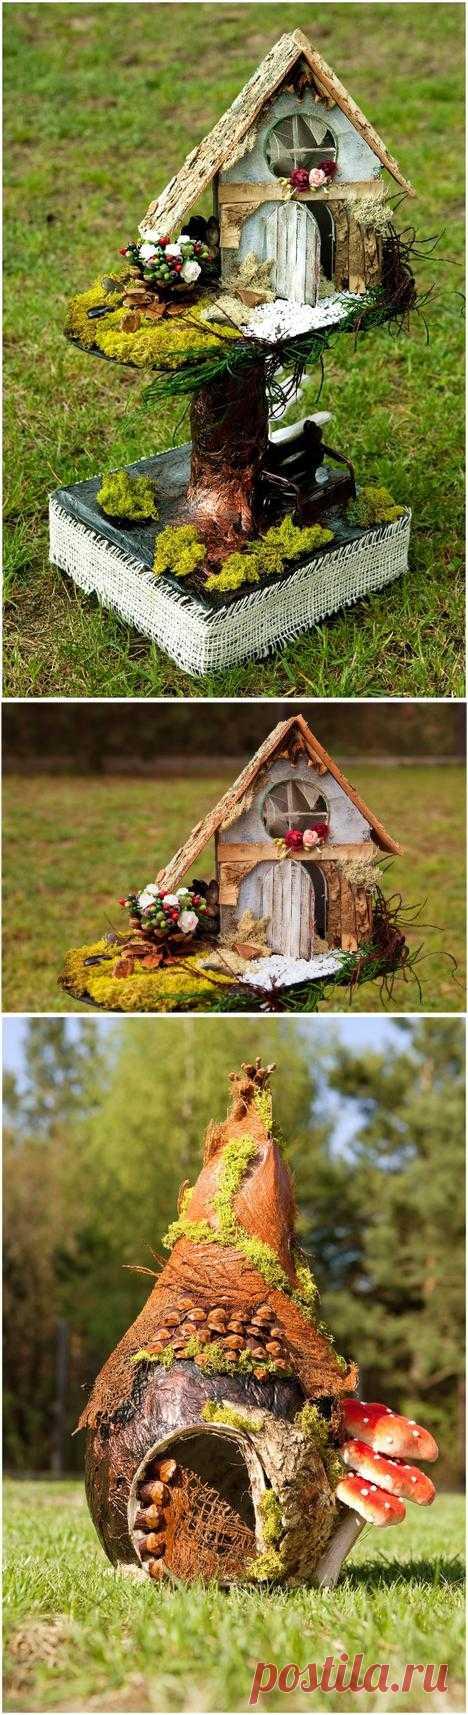 Декоративные домики из природных материалов.